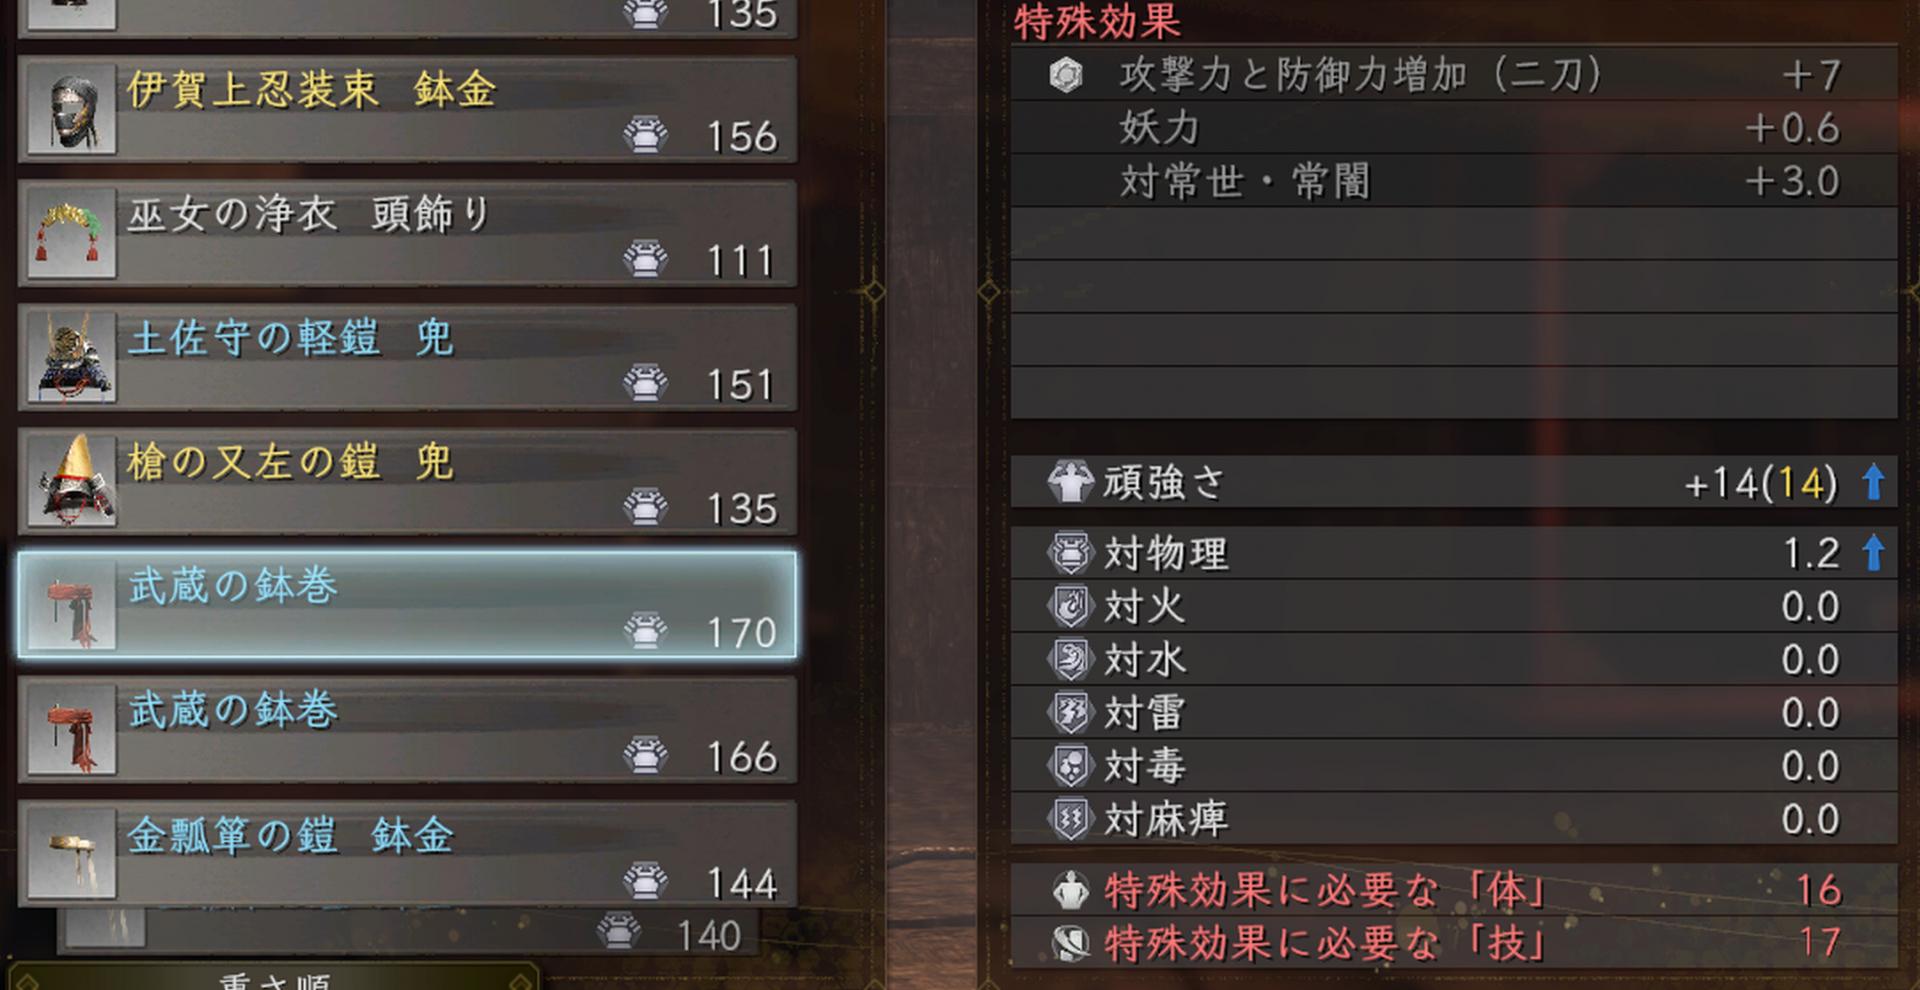 薙刀鎌 装備